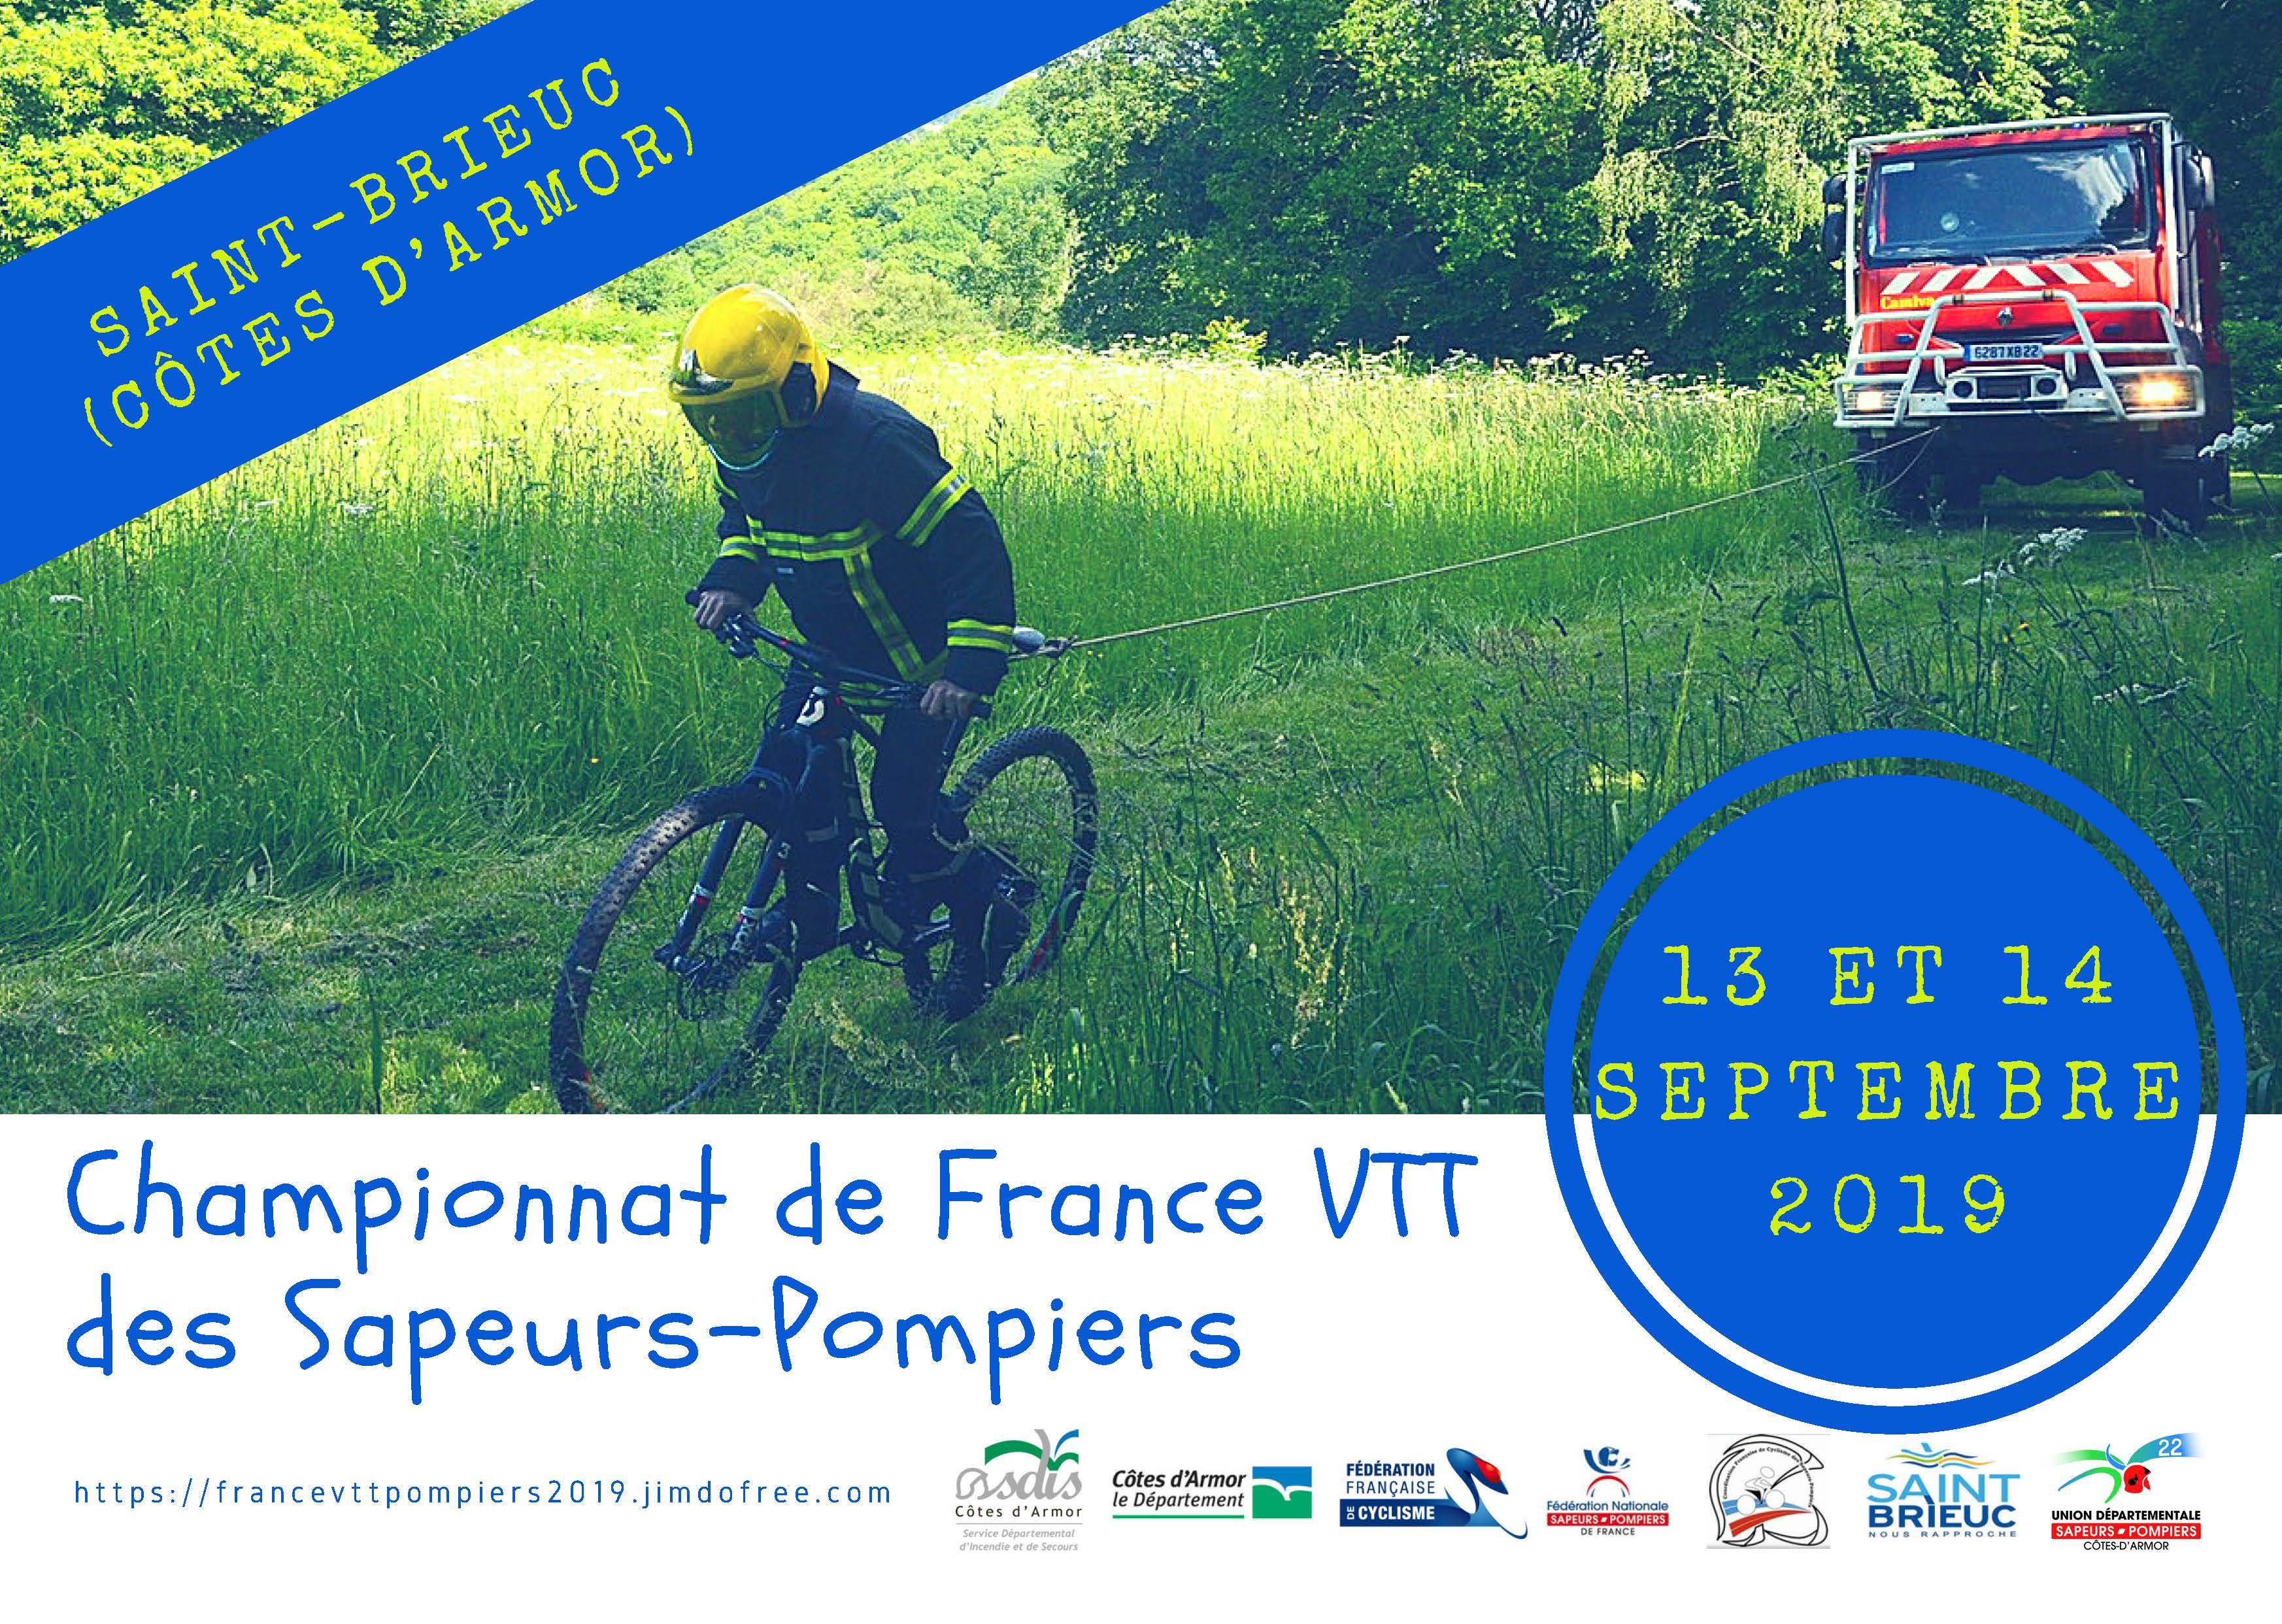 Championnat de France VTT 2019